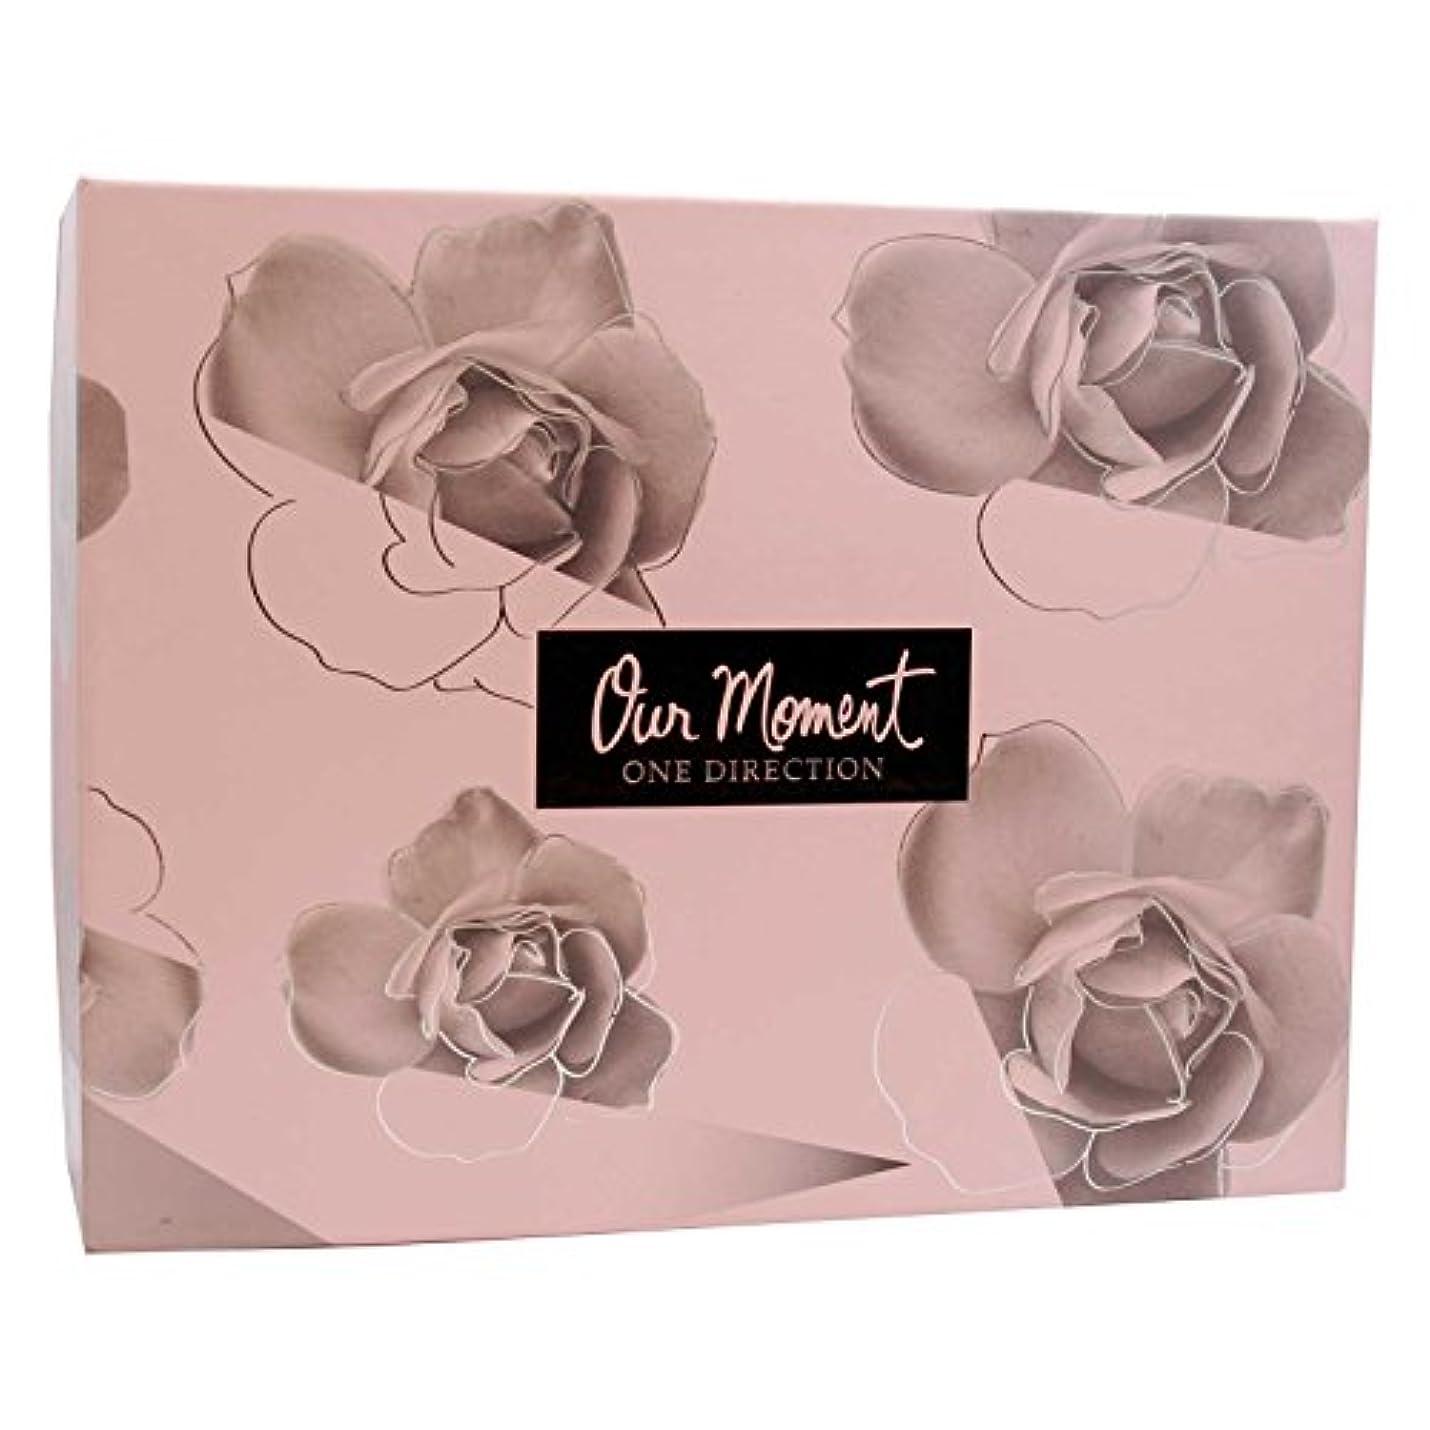 ホステルリマ傑作Our Moment (アワー モーメント) Gift Set (ギフトセット) by One Direction